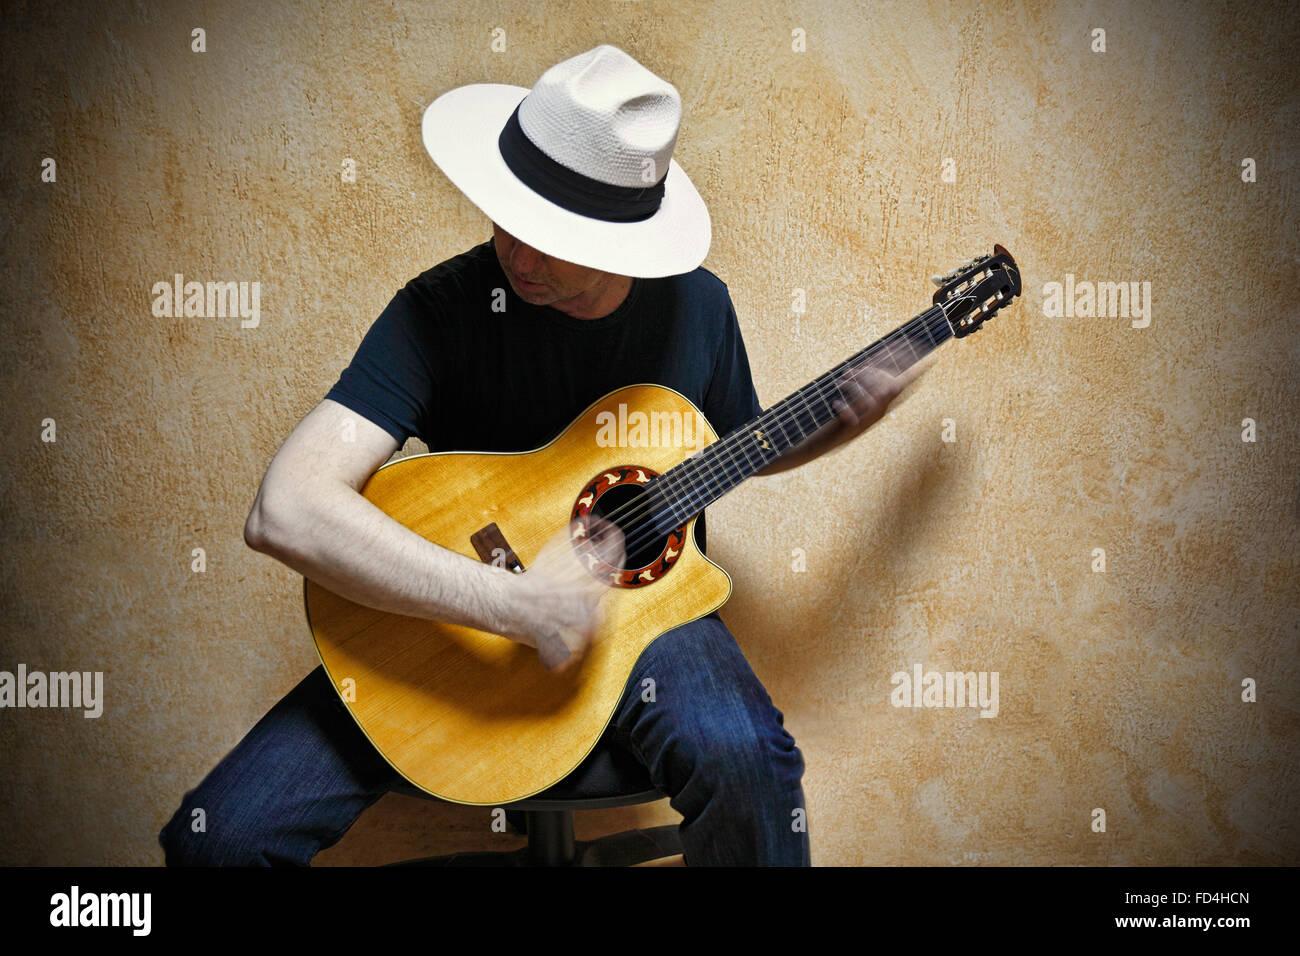 Un chitarrista suonando la chitarra veramente veloce. Immagini Stock